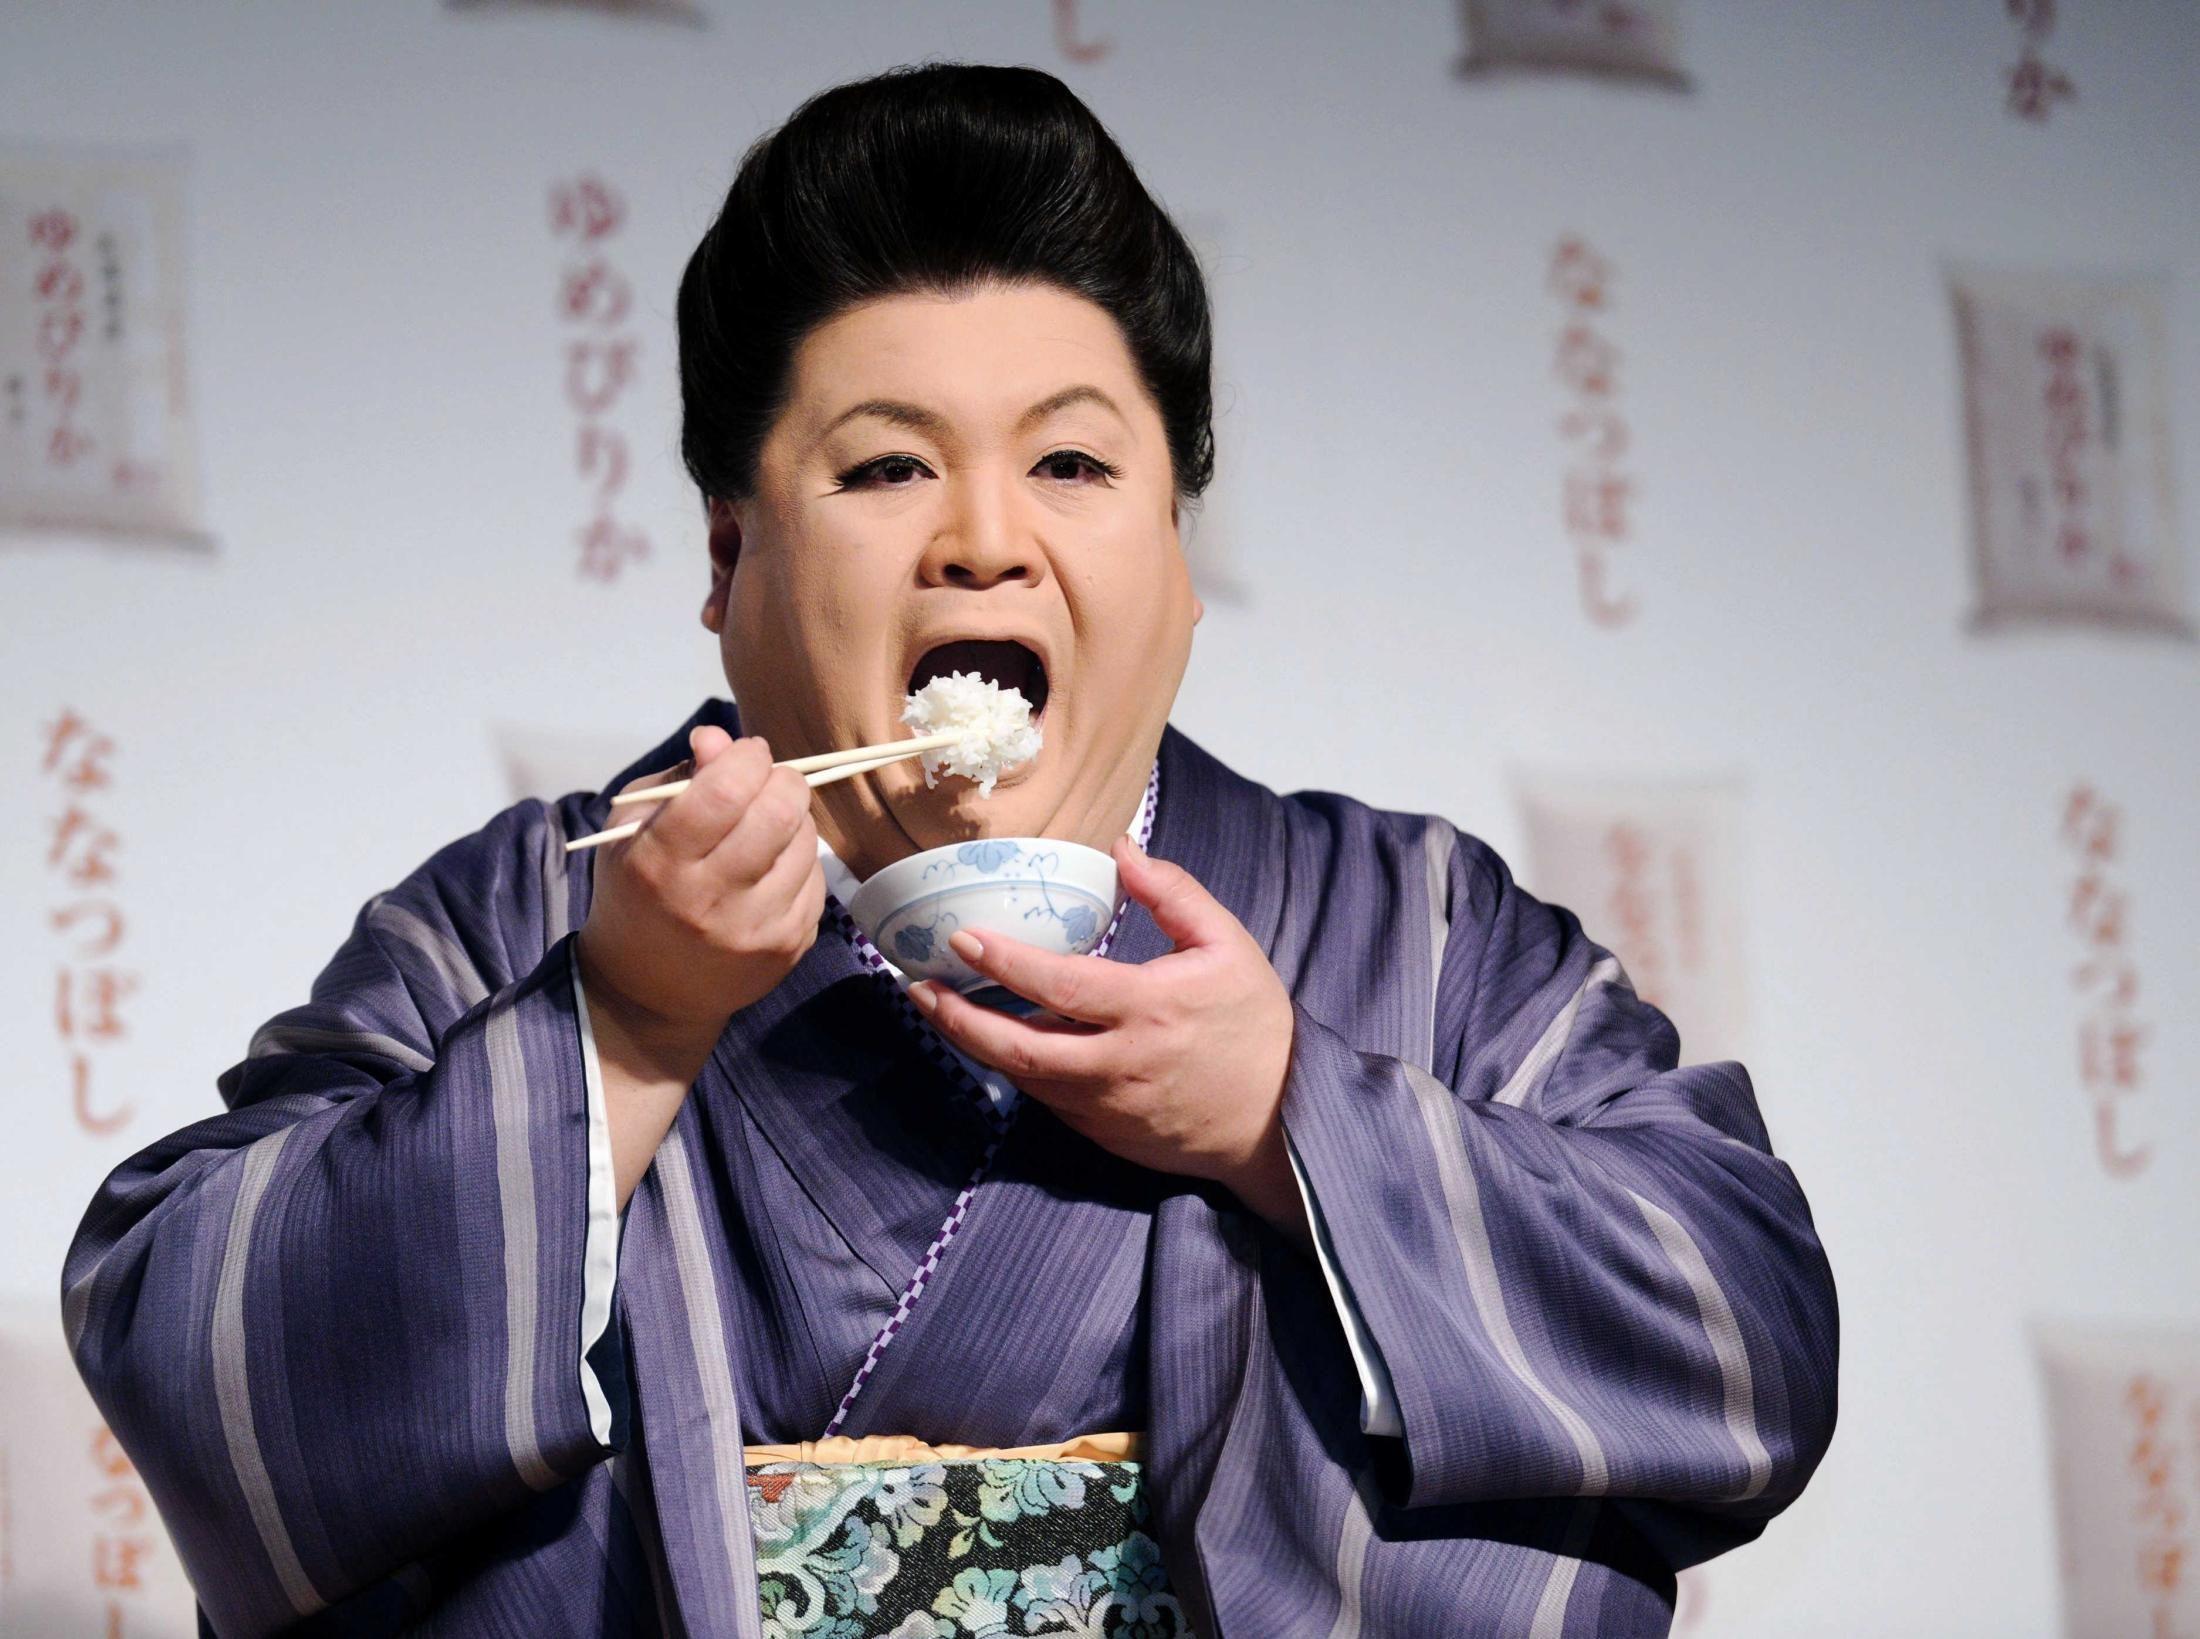 着物姿でお米を食すマツコデラックスの画像